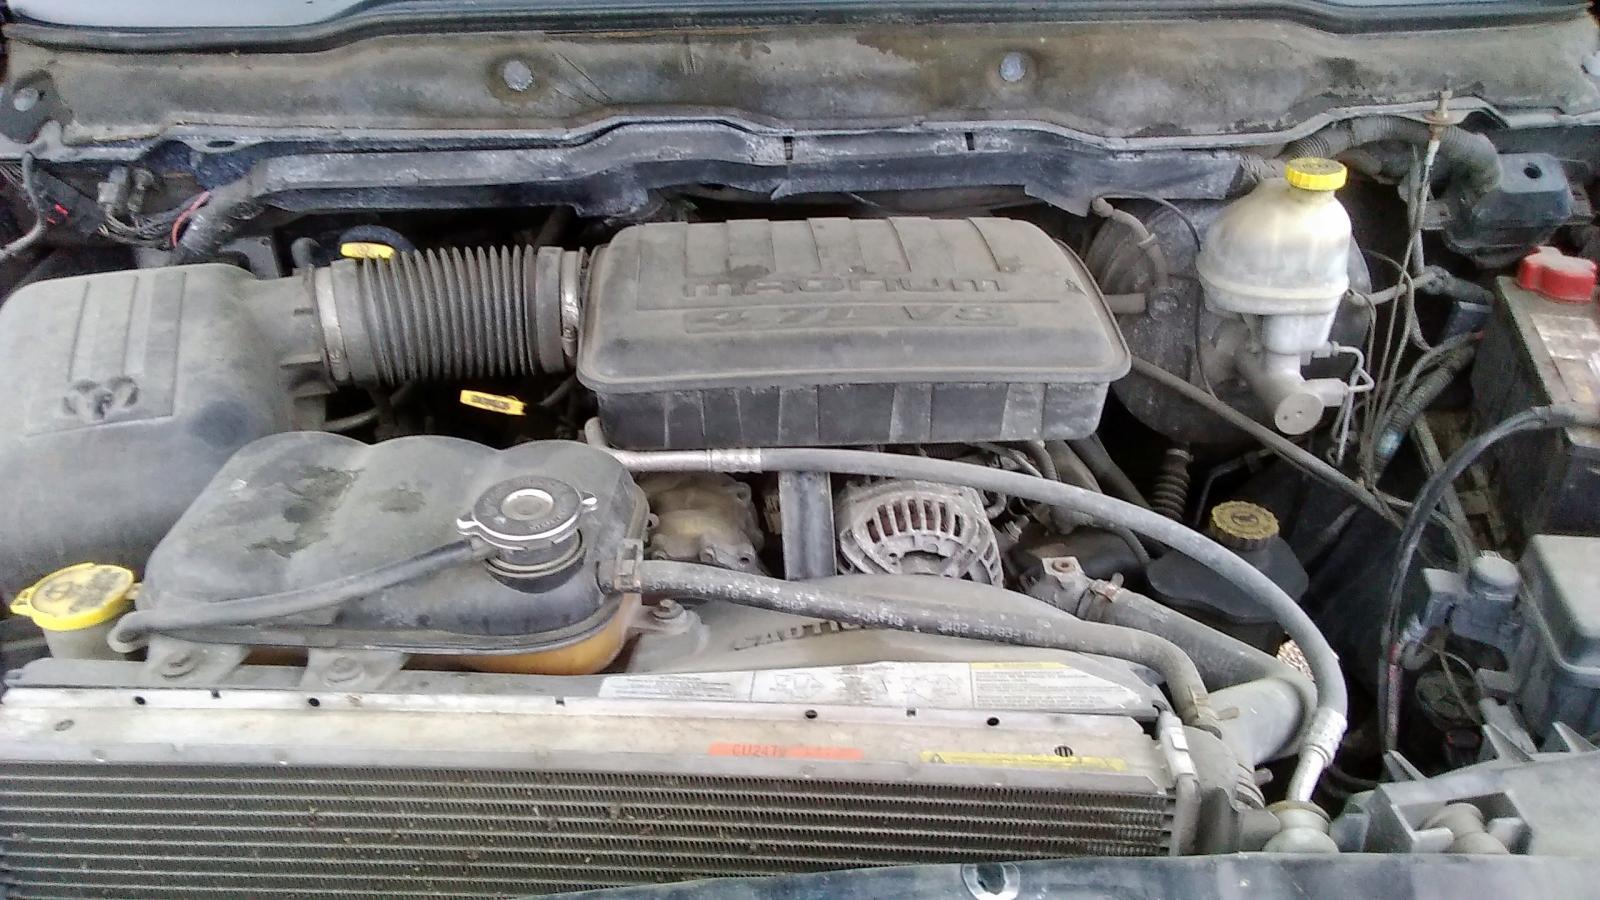 1D7HA18N835231622 - 2003 Dodge Ram 1500 S 4.7L front view